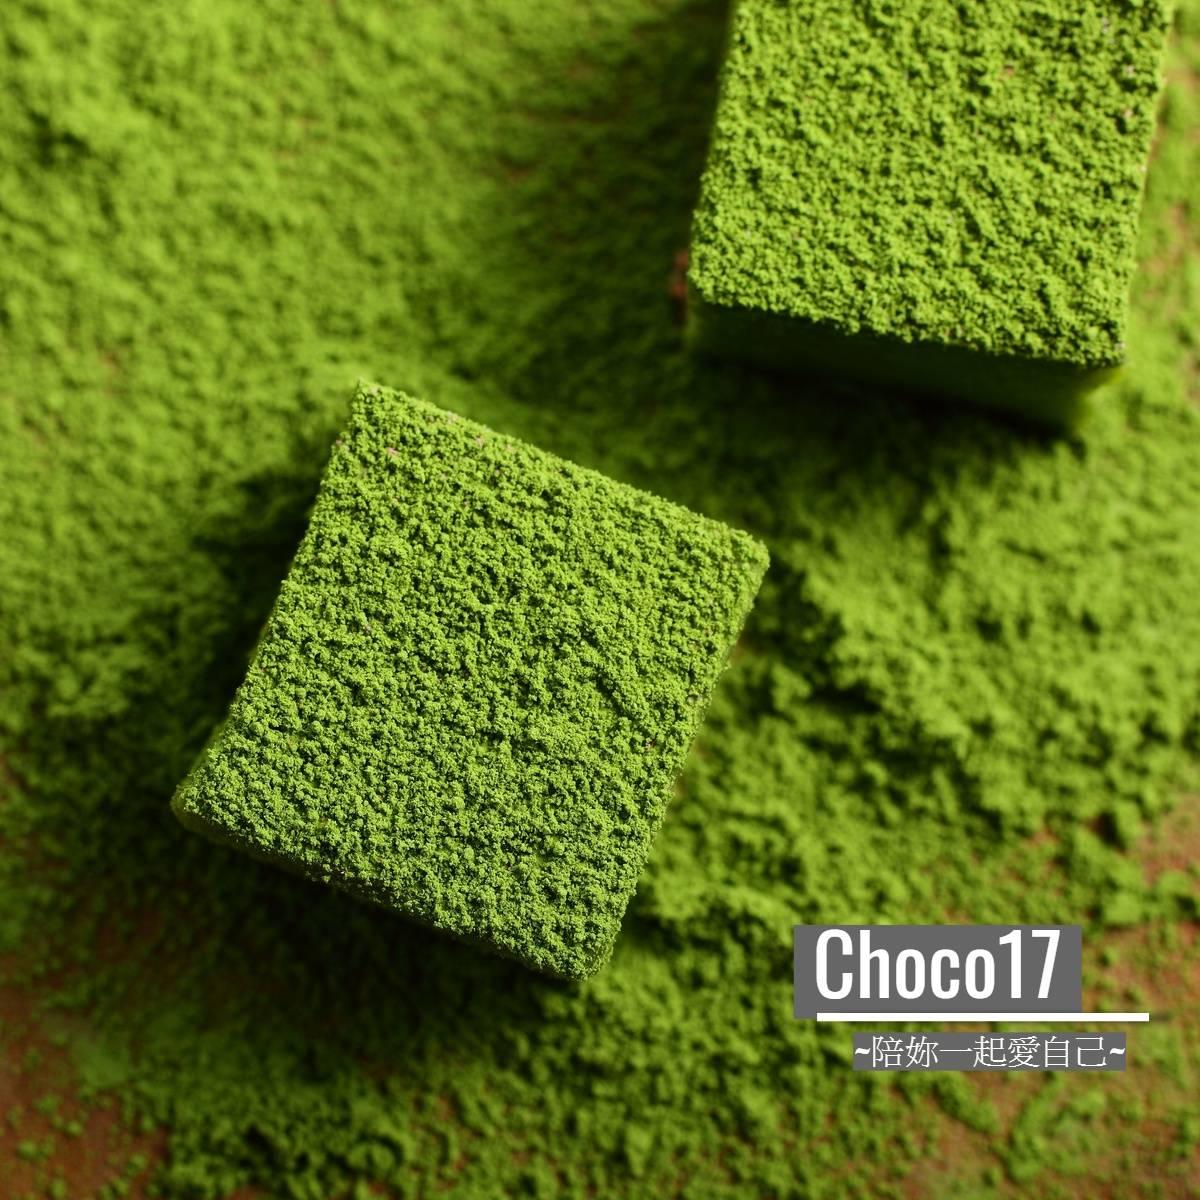 京韻抹茶生巧克力❤回購率第一名❤第二件79折【Choco17 香謝17巧克力】巧克力專賣 | 領卷滿1000現折100 2